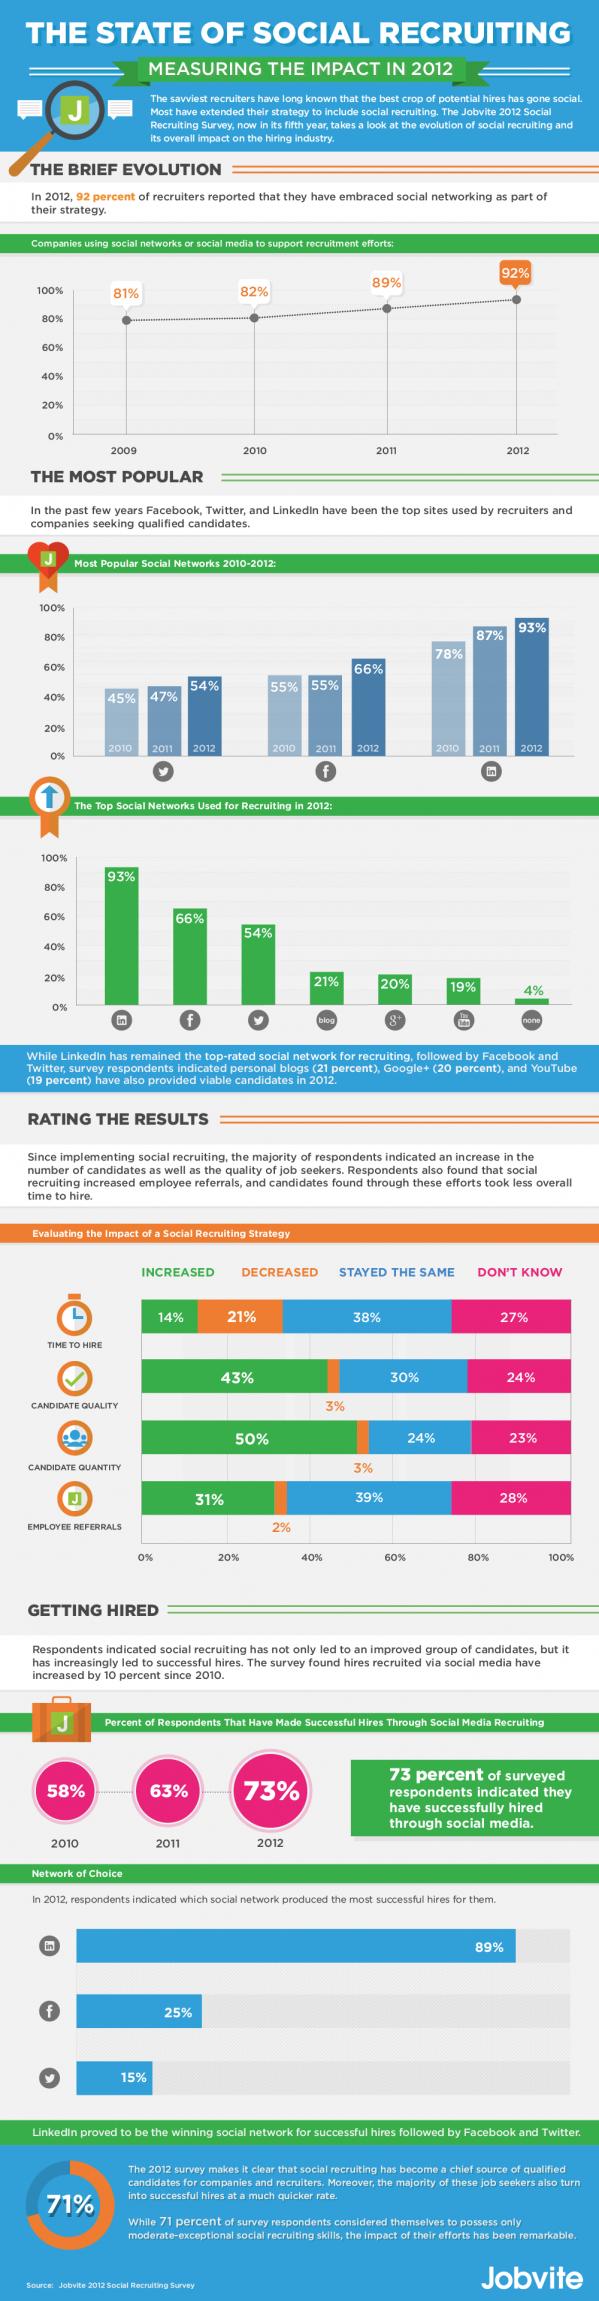 How Many Companies Use Social Media To Recruit Social Media